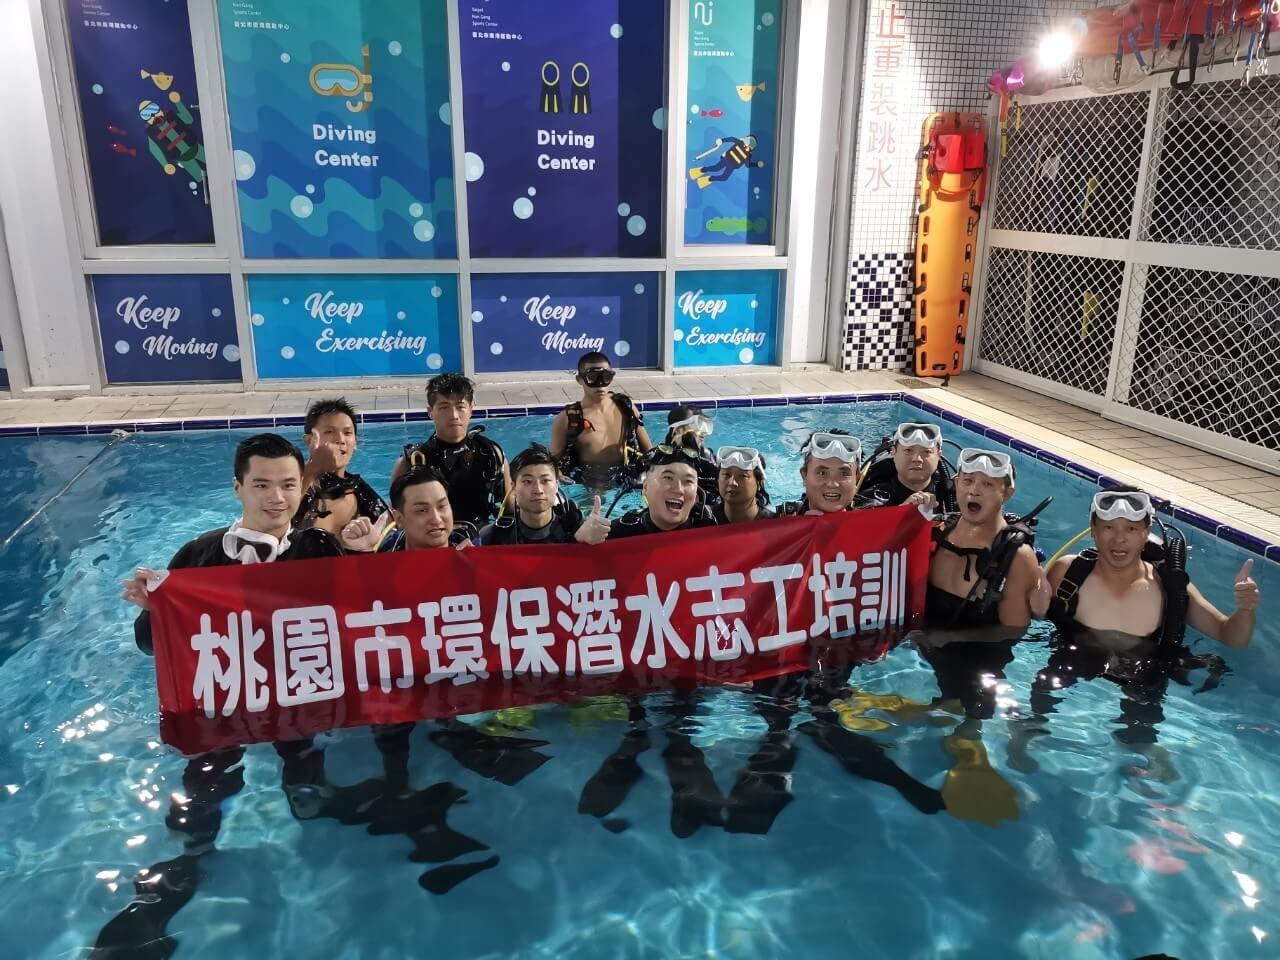 桃園市環保潛水志工培訓,共同守護海洋